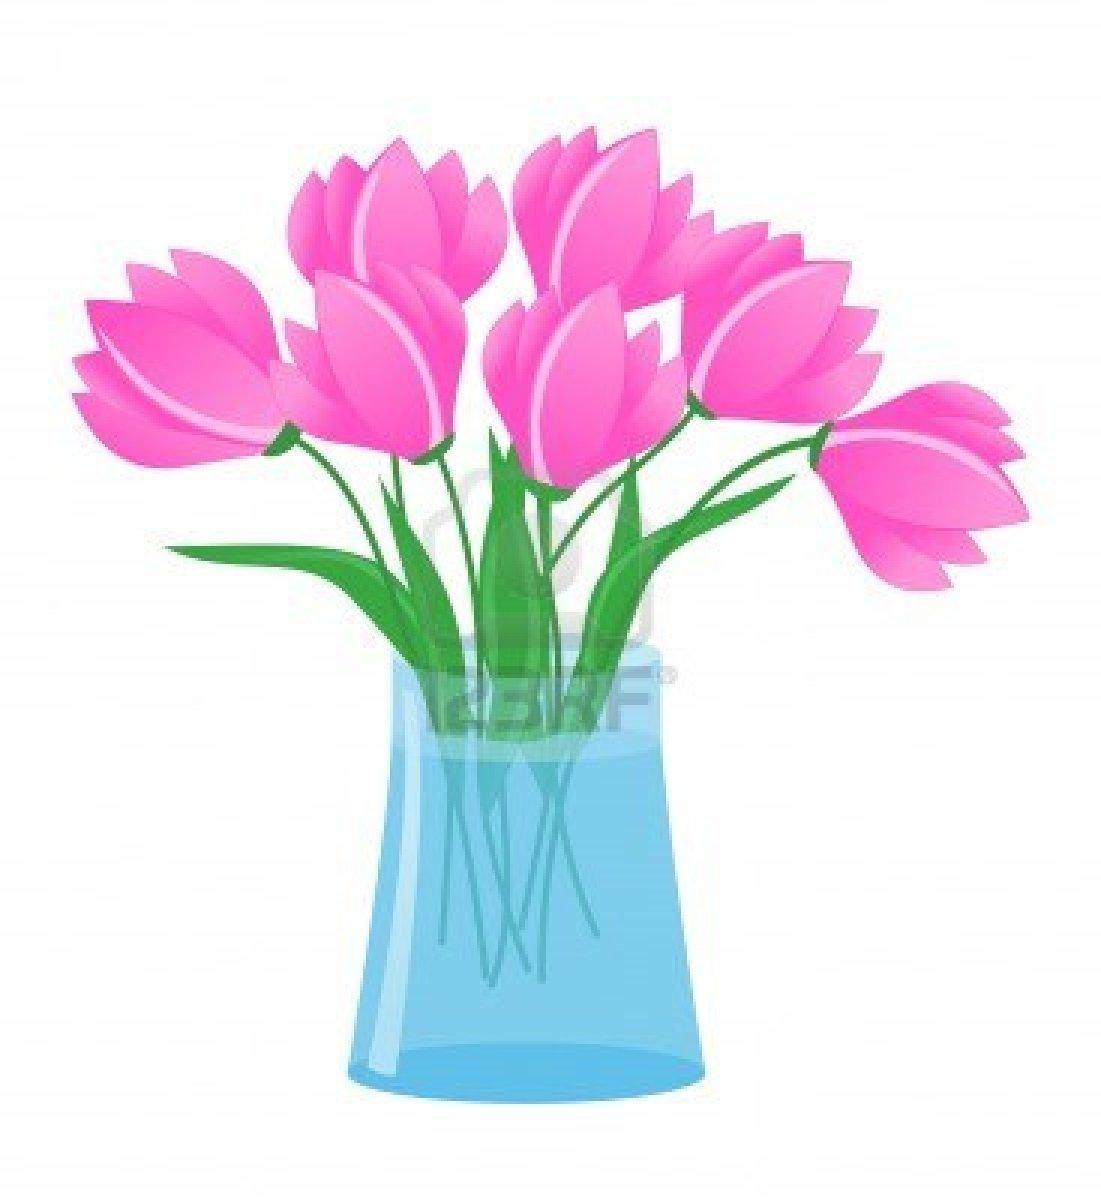 Flowers In A Vase Clipart Flowers In Vas-Flowers In A Vase Clipart Flowers In Vase Stock Vector-9